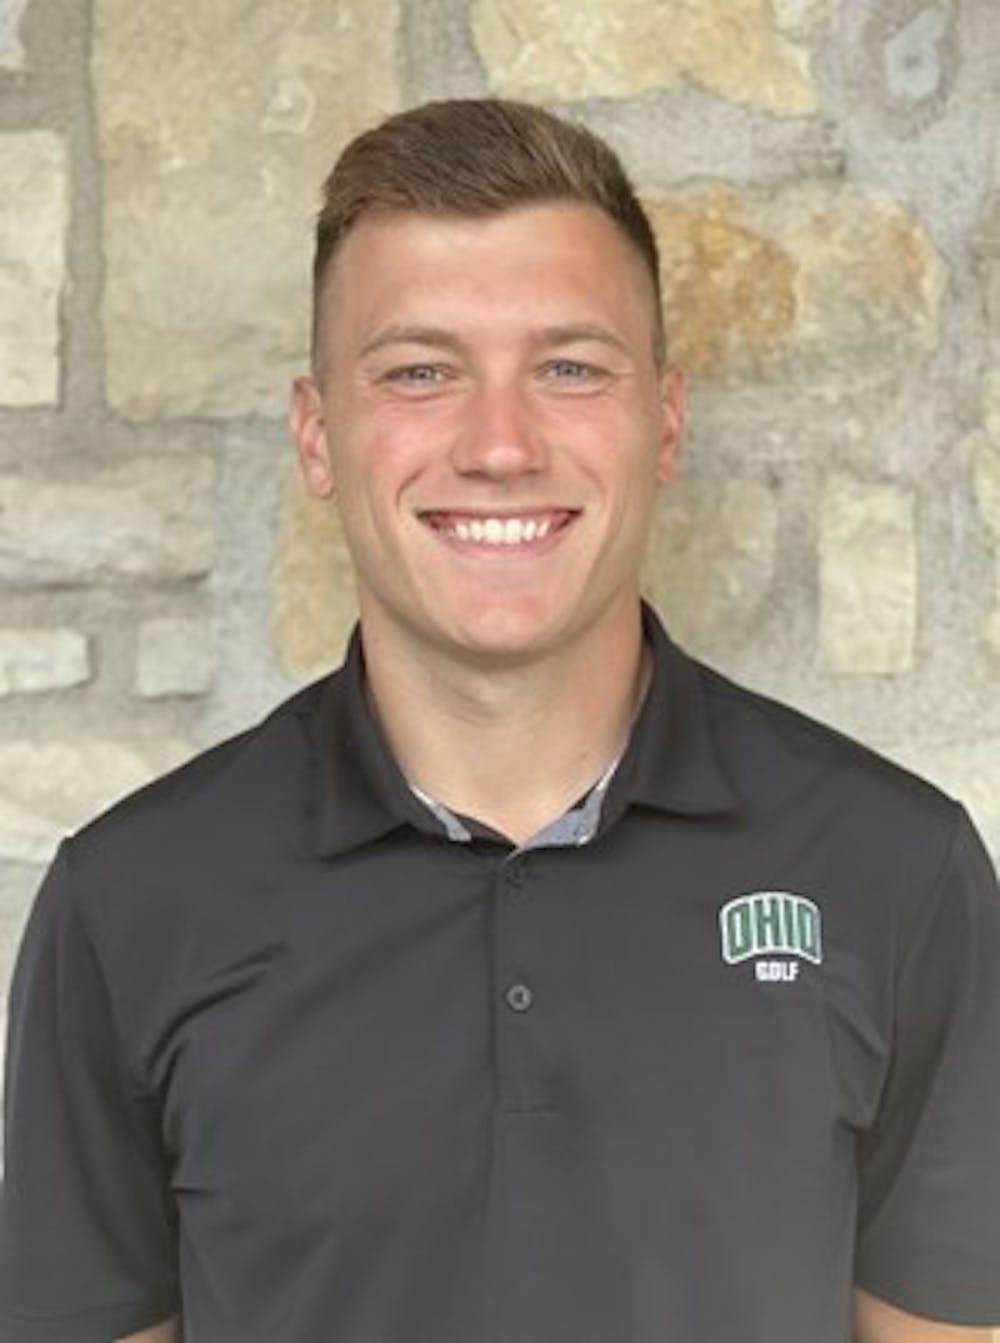 Men's Golf: Brennan Whitis announced as Ohio's next head coach